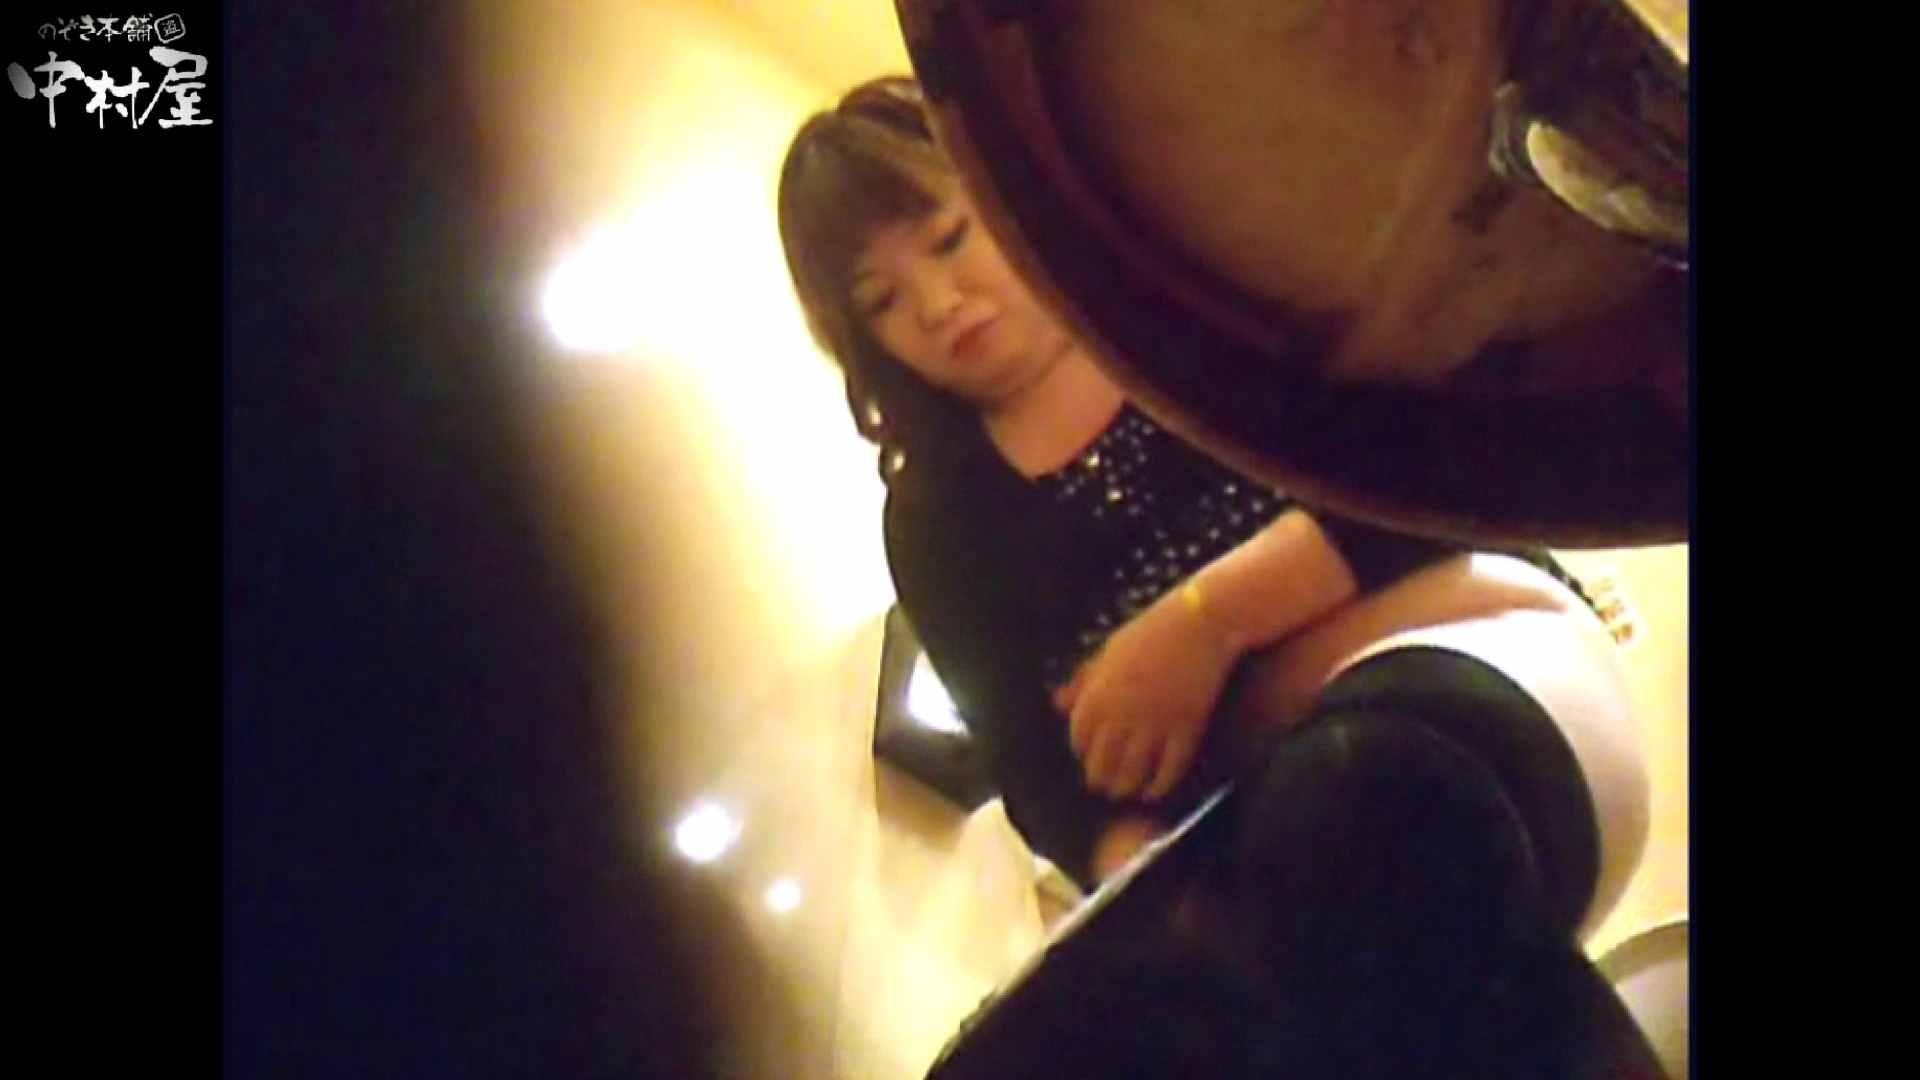 突撃!女子化粧室の真実vol.51 前編 盗撮   OLのエロ生活  79連発 35